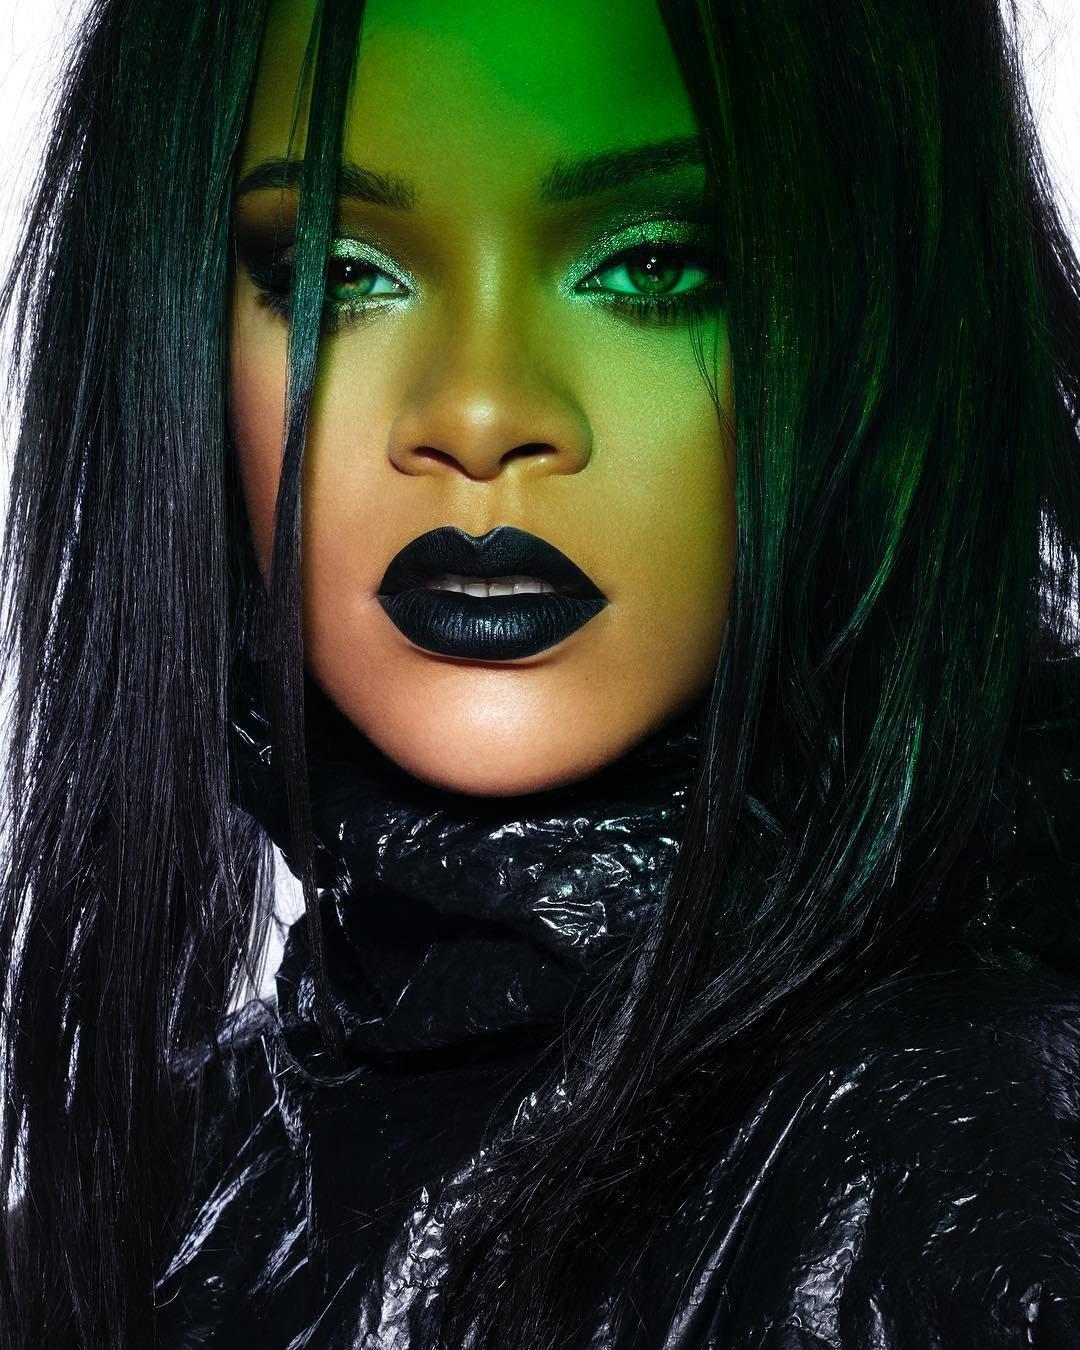 Rihanna Pictures | MetroLyrics Rihanna